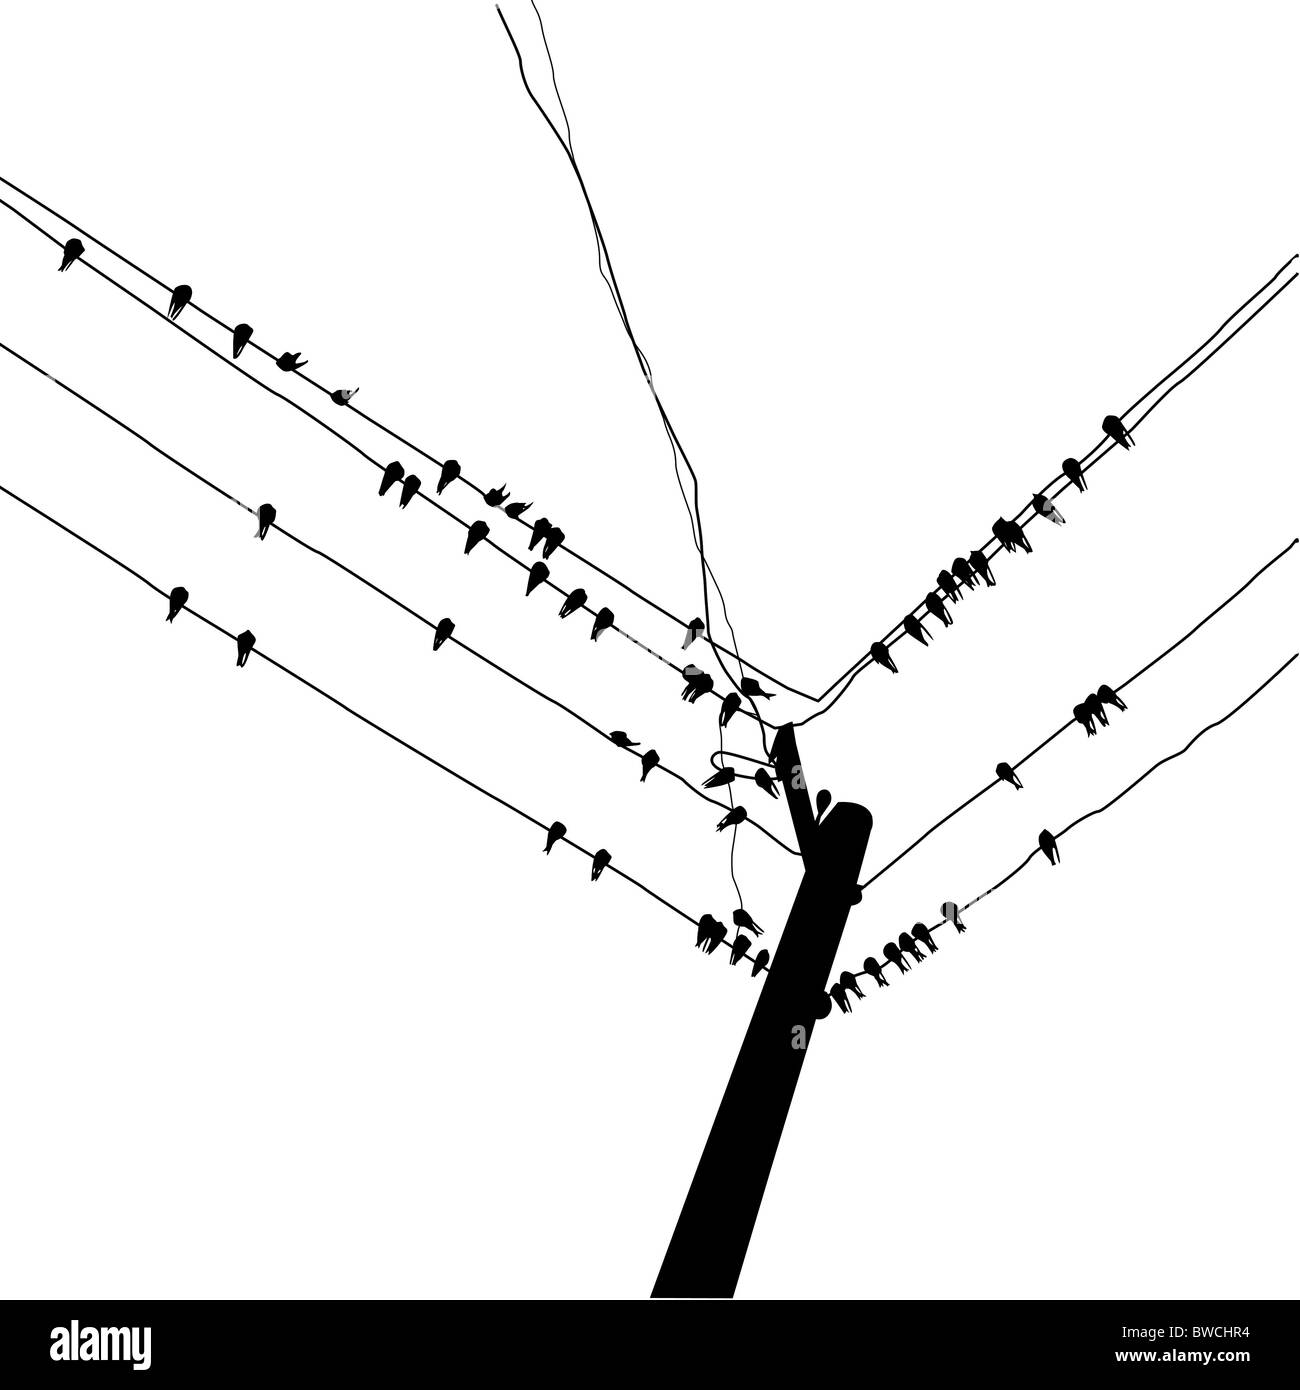 Illustration Birds On Wire Stockfotos & Illustration Birds On Wire ...